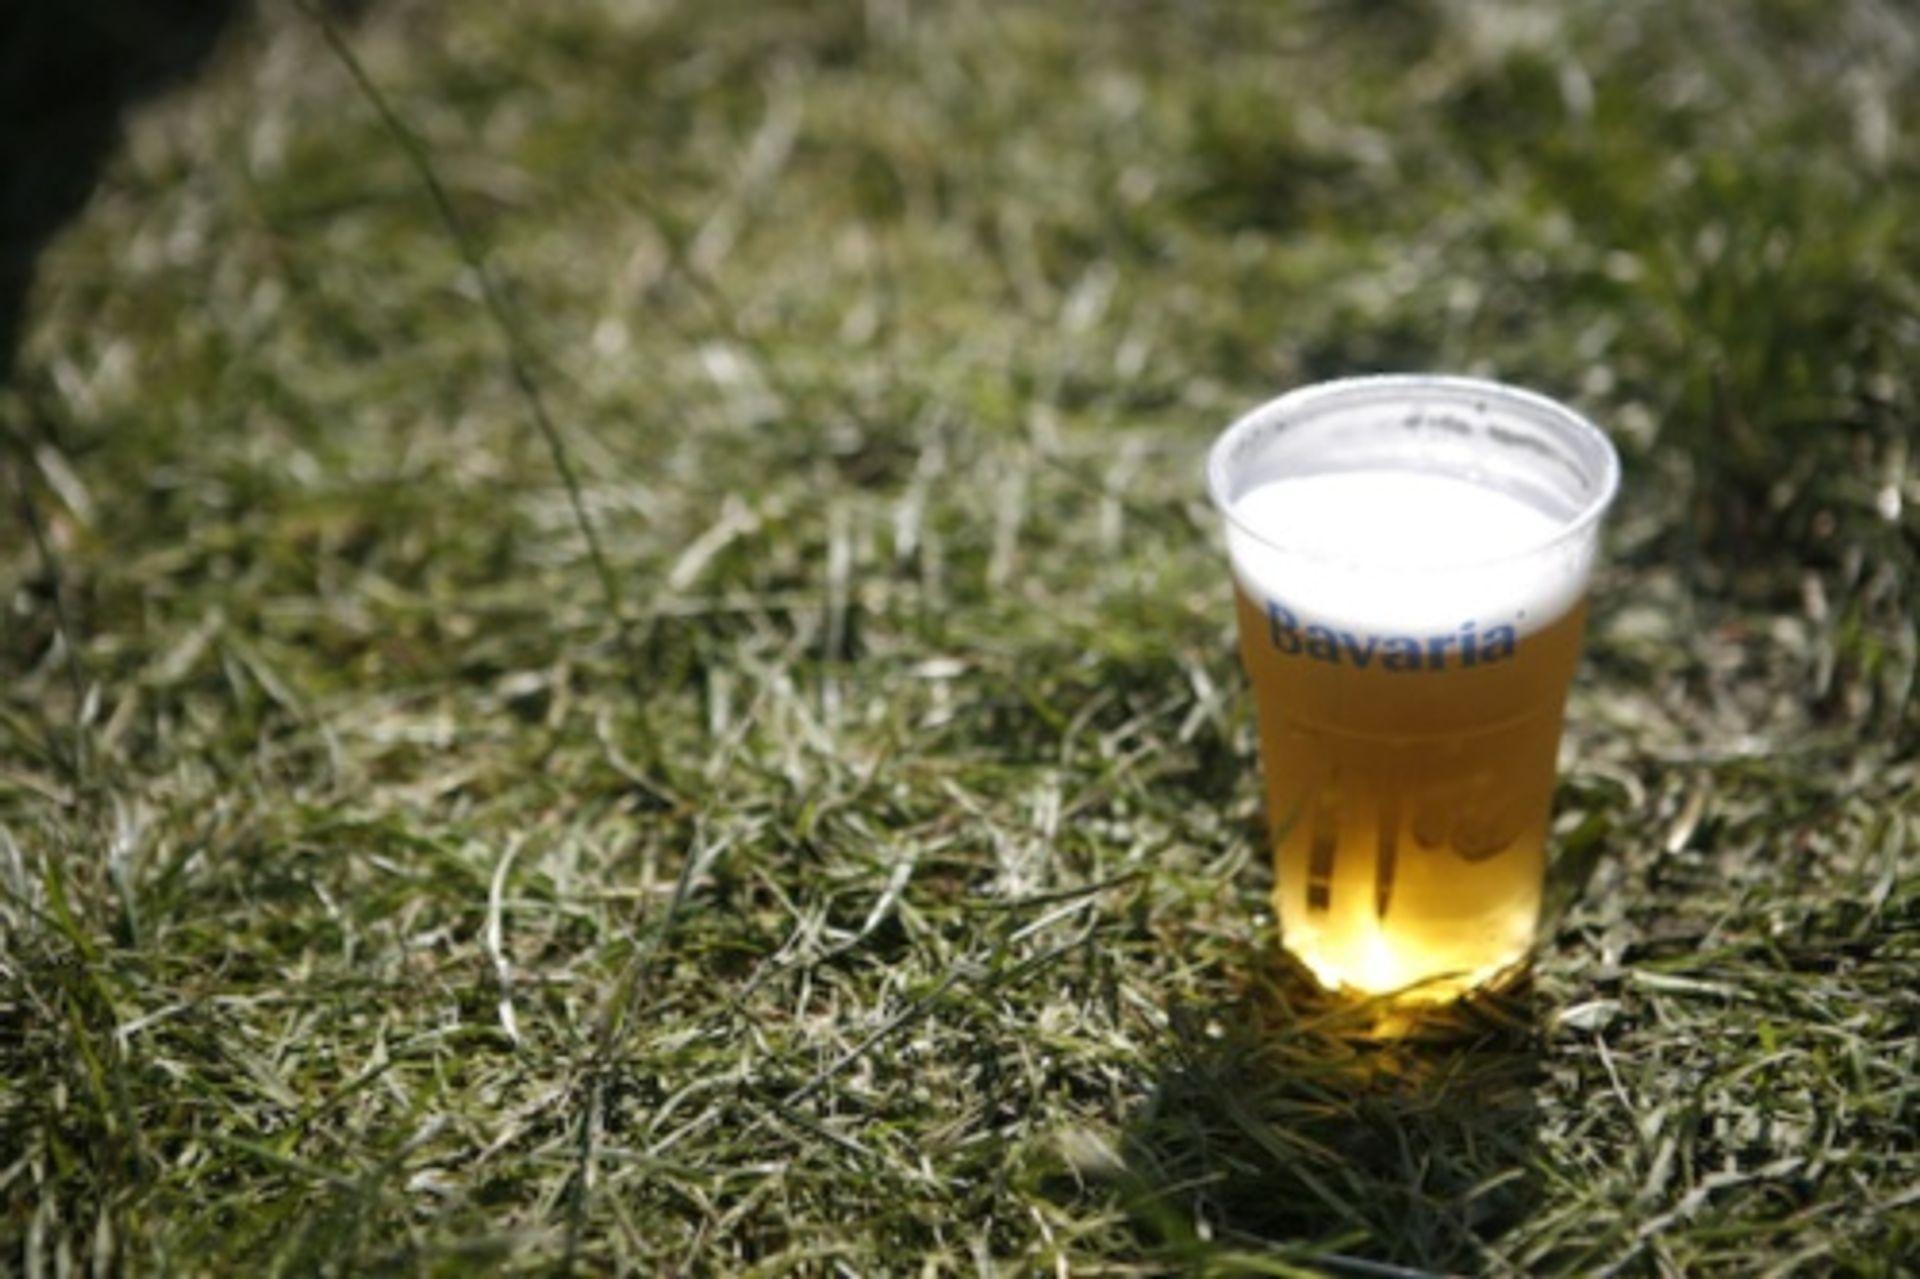 Festivalbier bestaat niet! | Festival Update